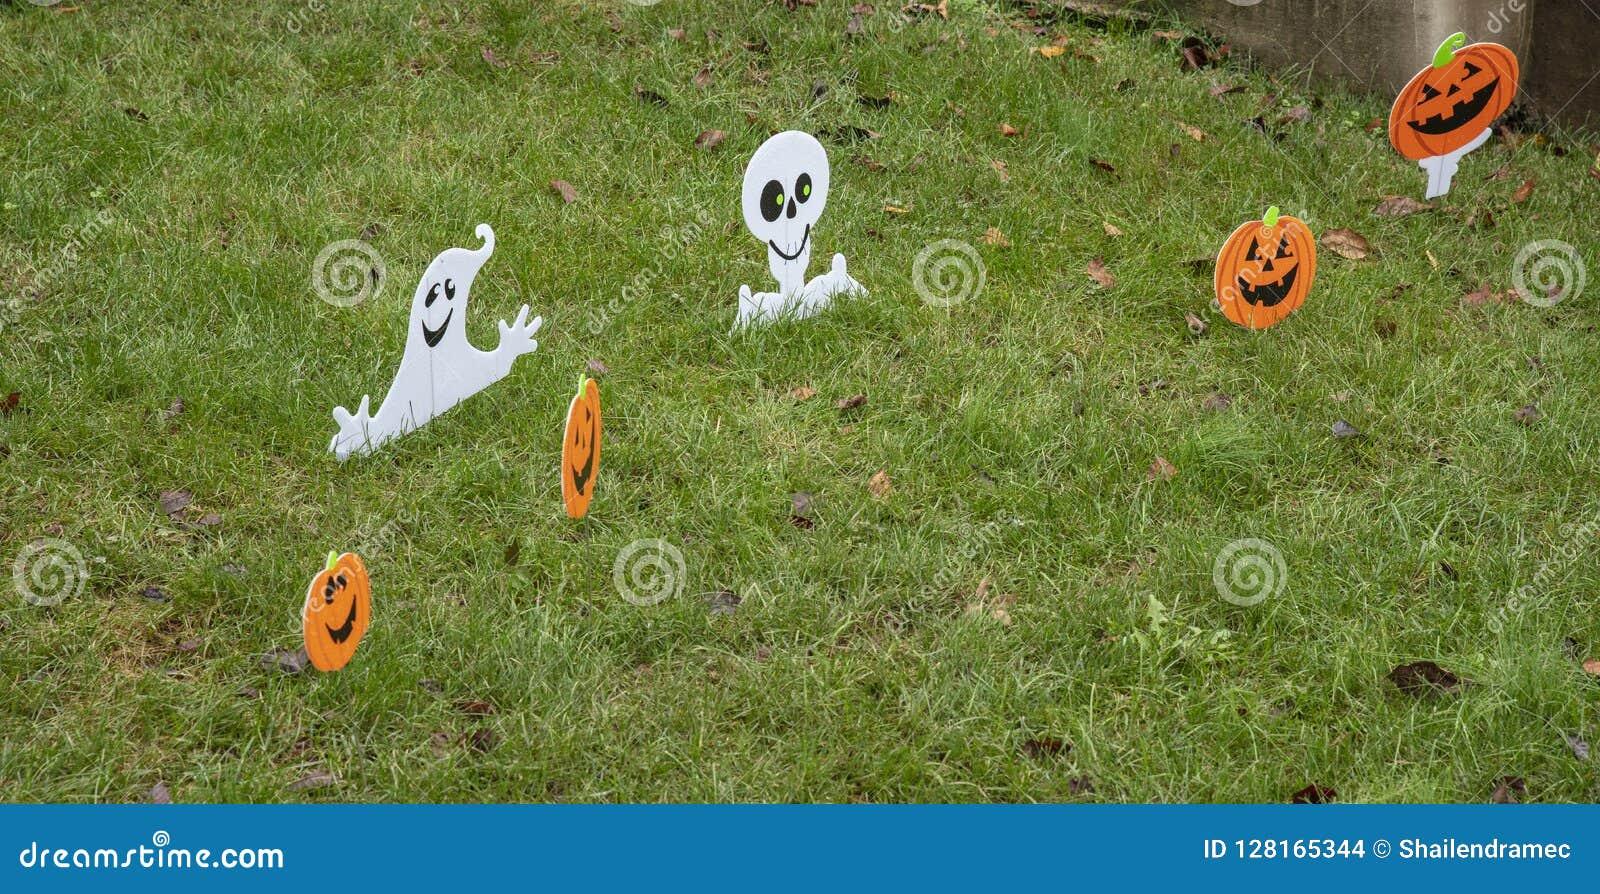 Halloween Decoratie Voor Buiten.Halloween Decoratie Buiten Een Huis Stock Foto Afbeelding Bestaande Uit Park Pompoen 128165344